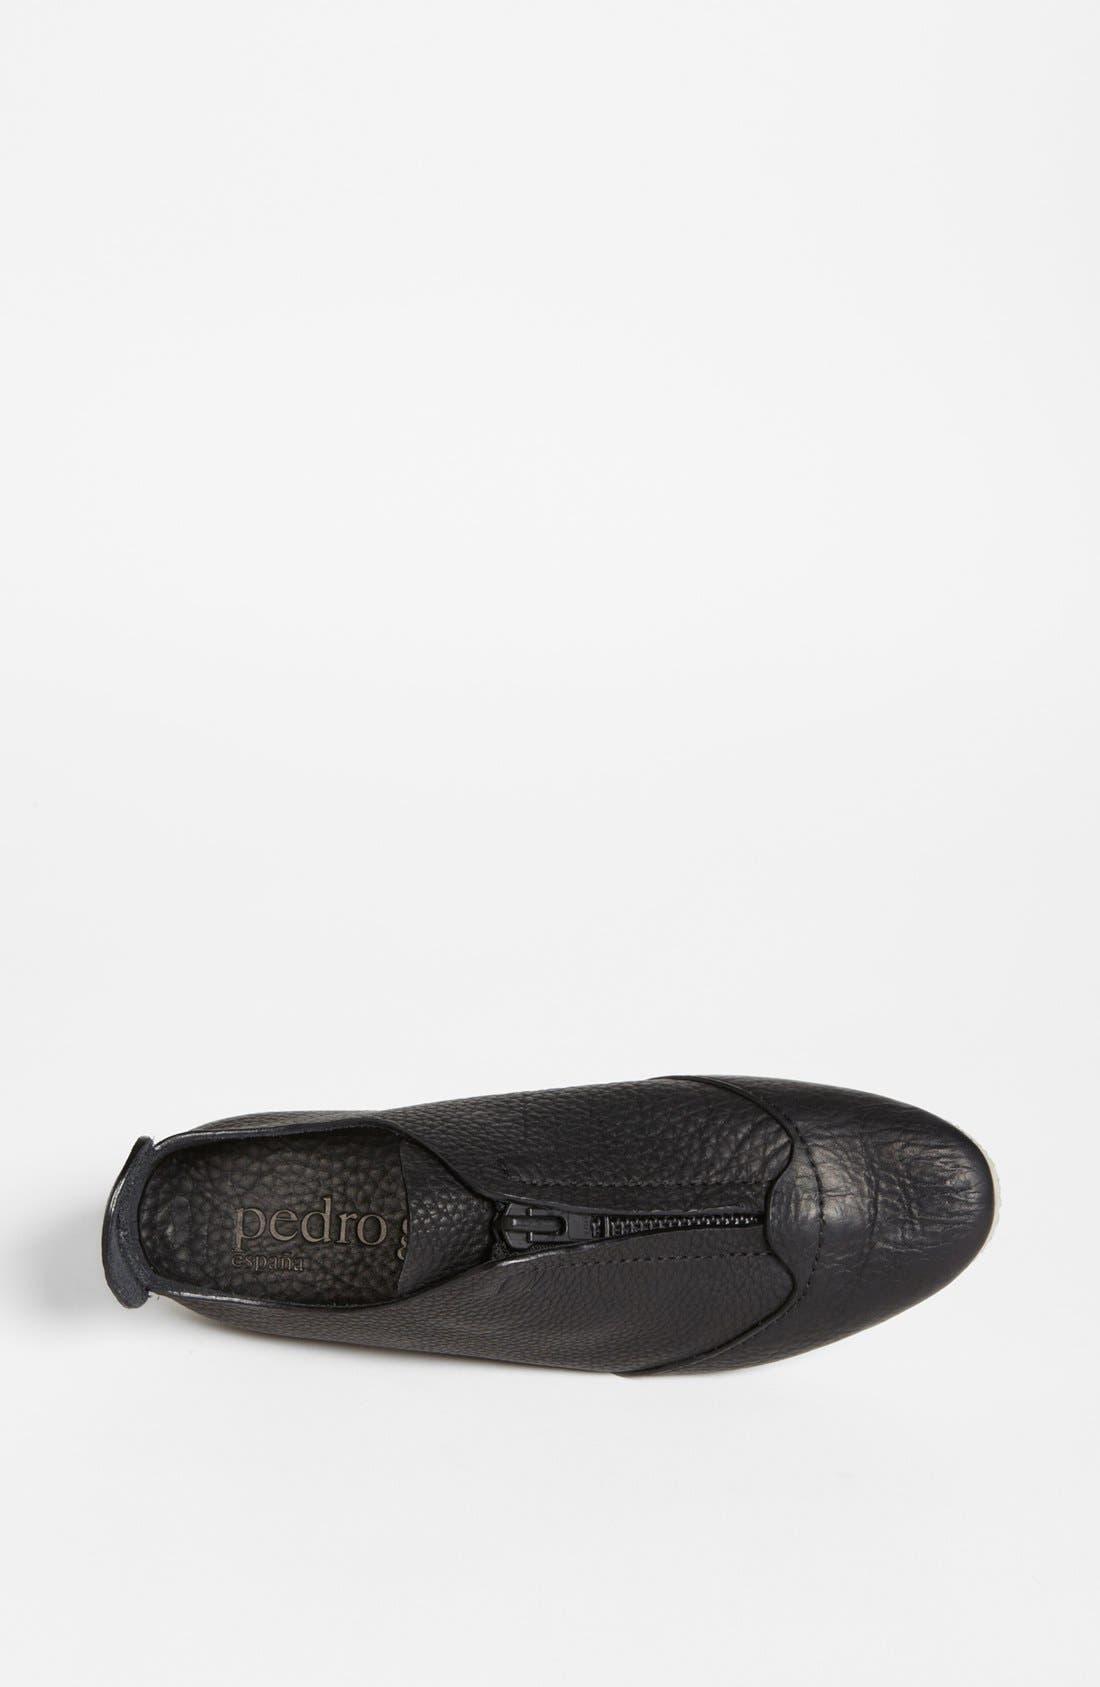 Alternate Image 3  - Pedro Garcia 'River' Zip Front Loafer